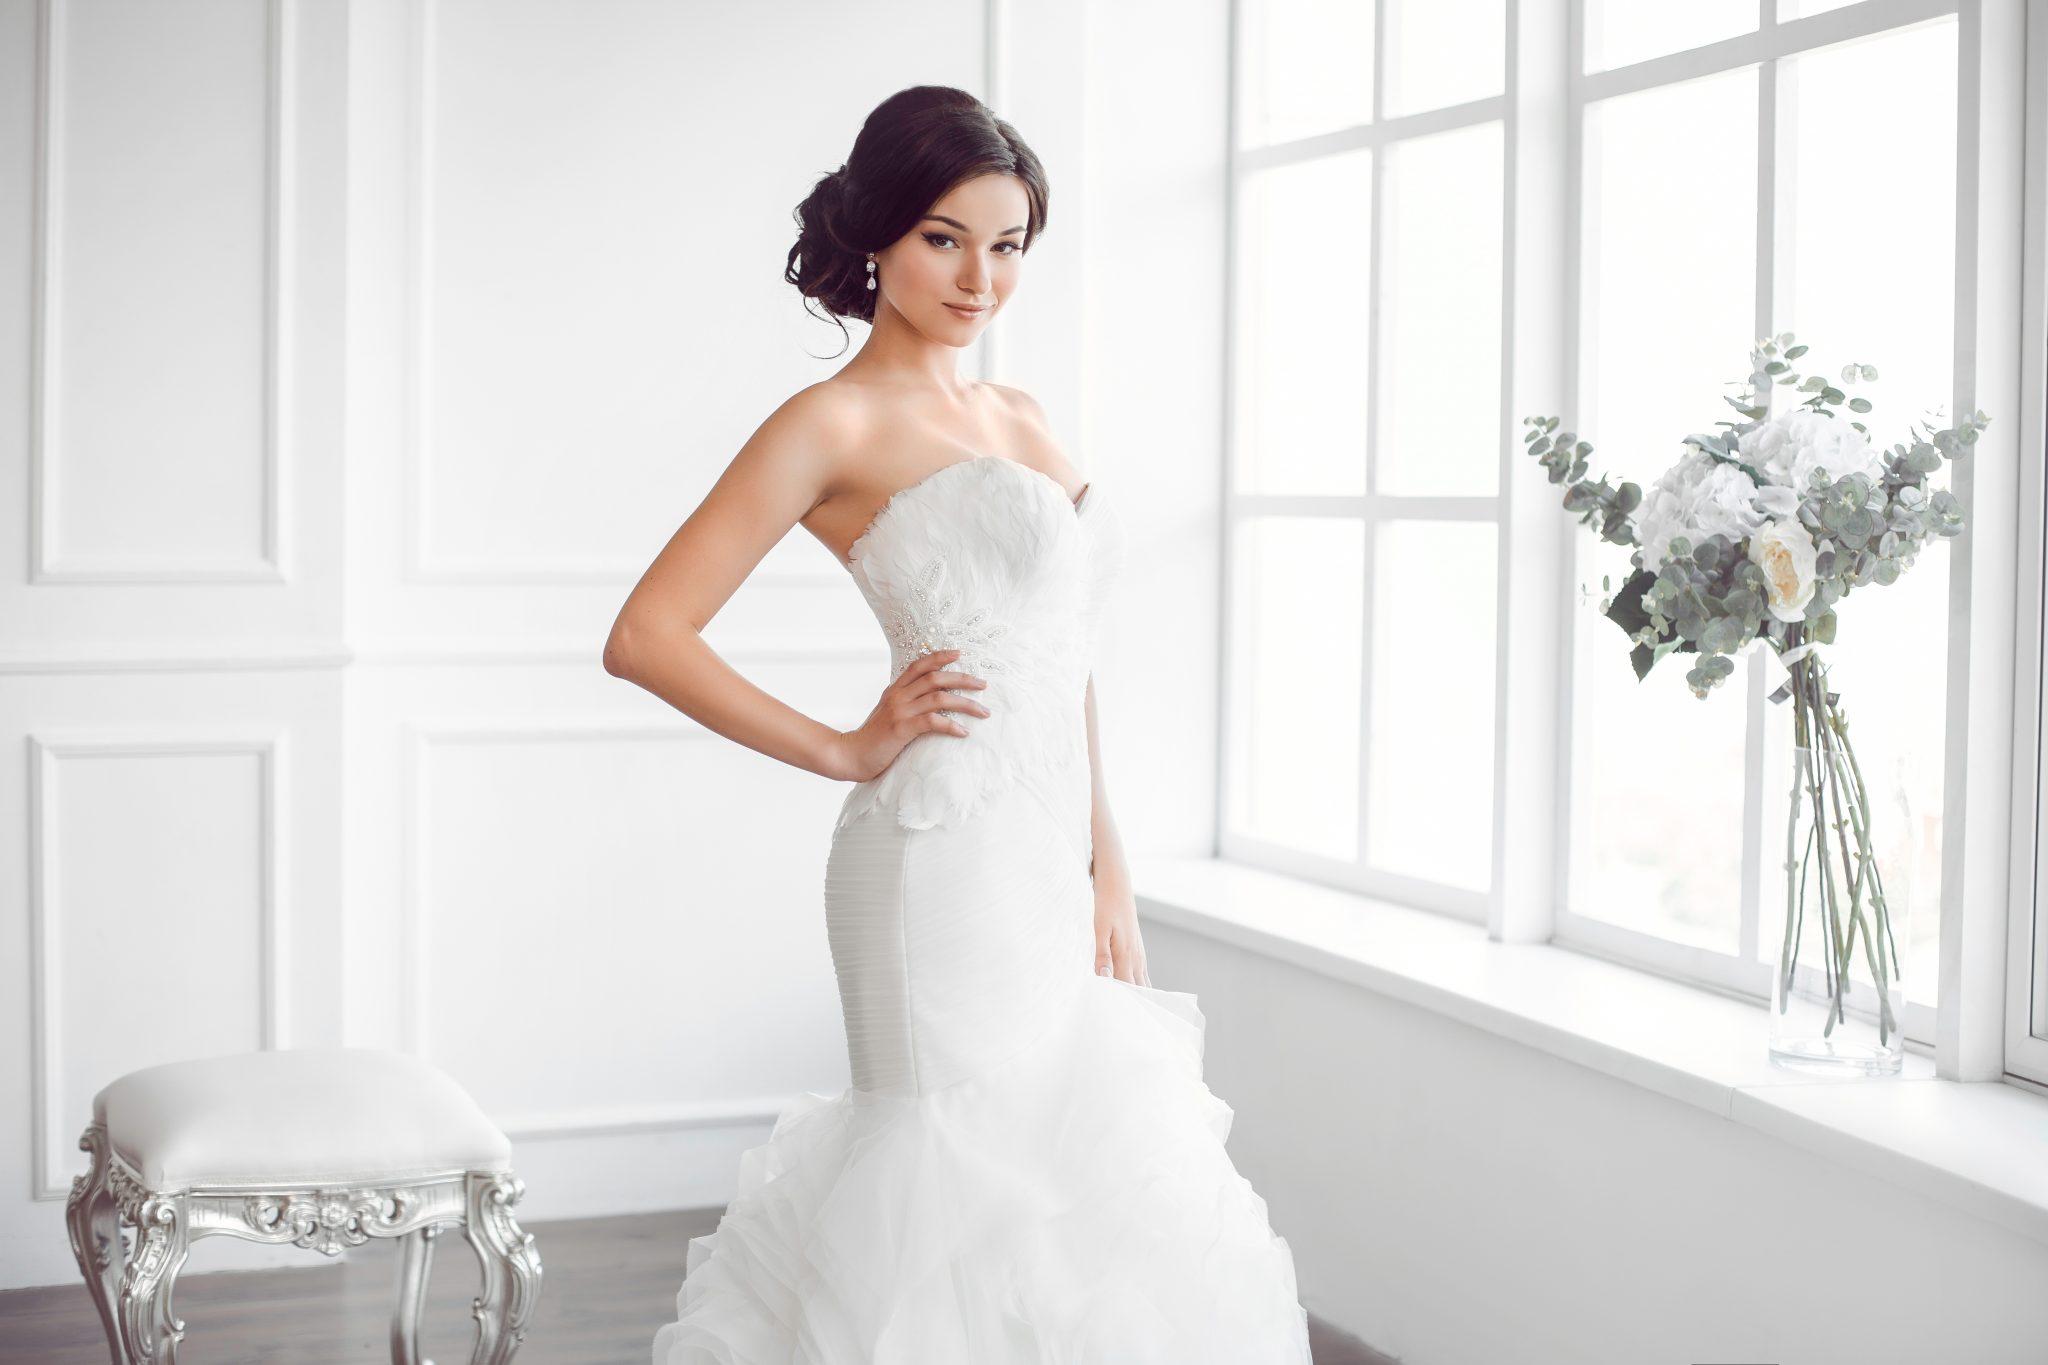 vestido de noiva (sereia)